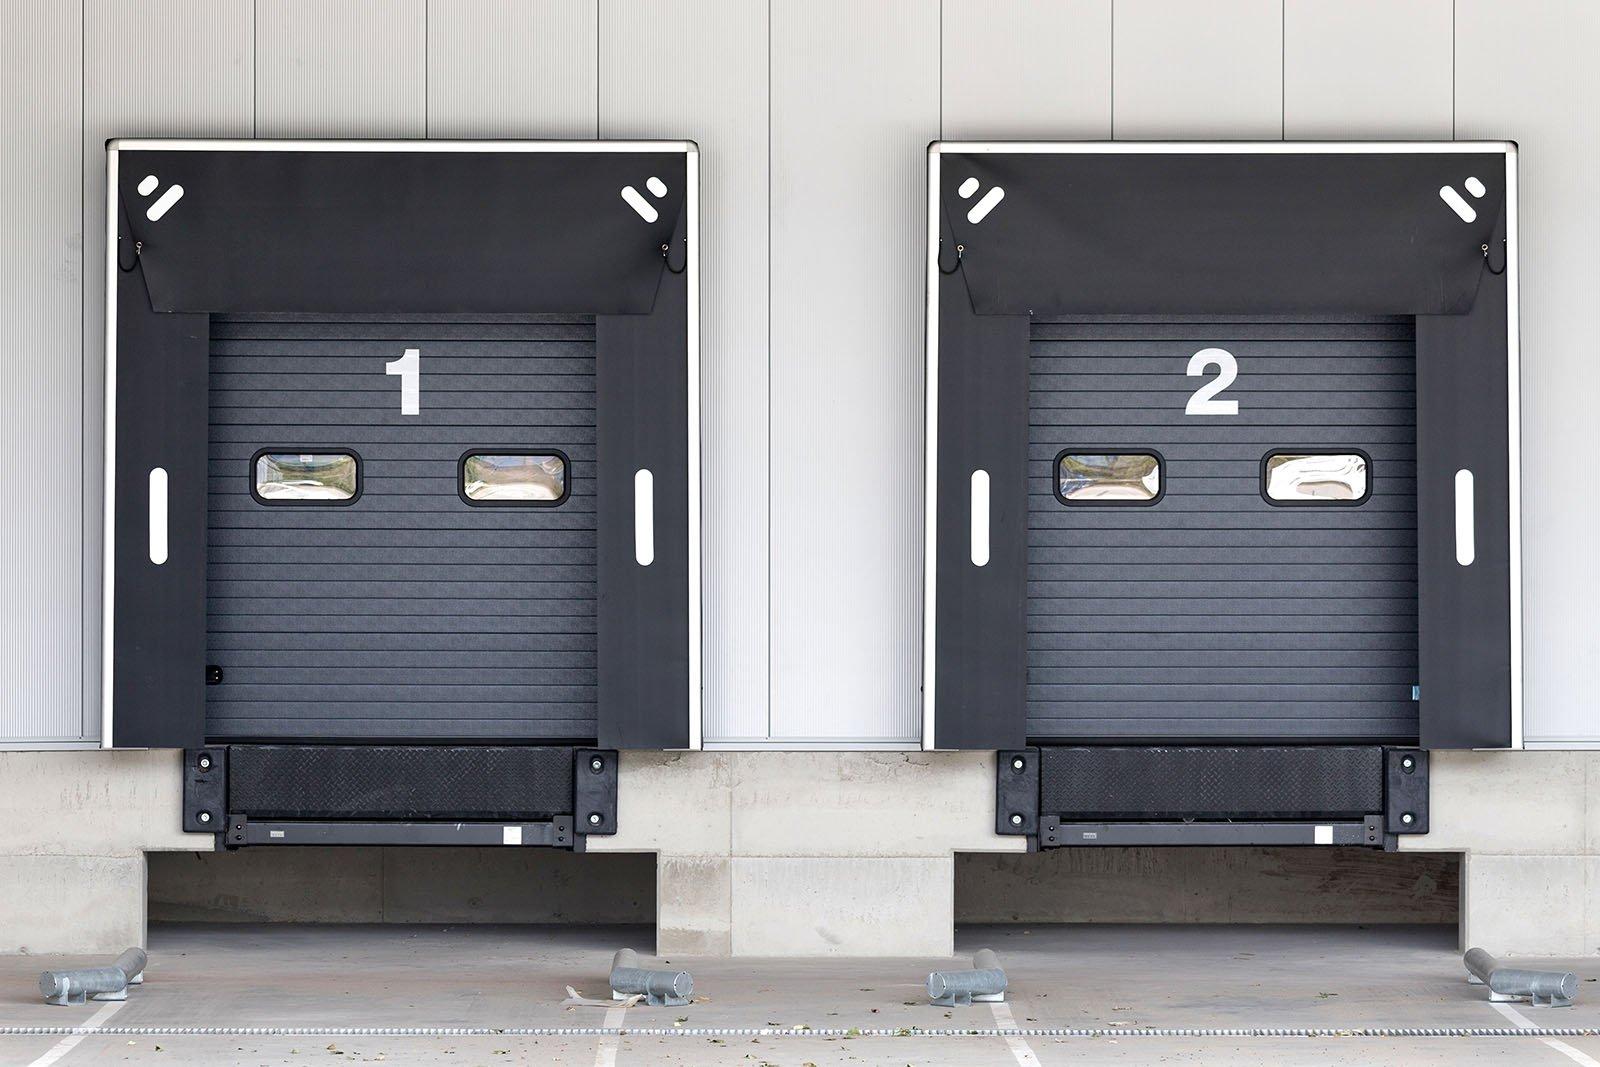 Vi har förutom garageportar i Skåne även lastbryggor i Skåne. Kontakta oss så hjälper vi er med lastbryggor.